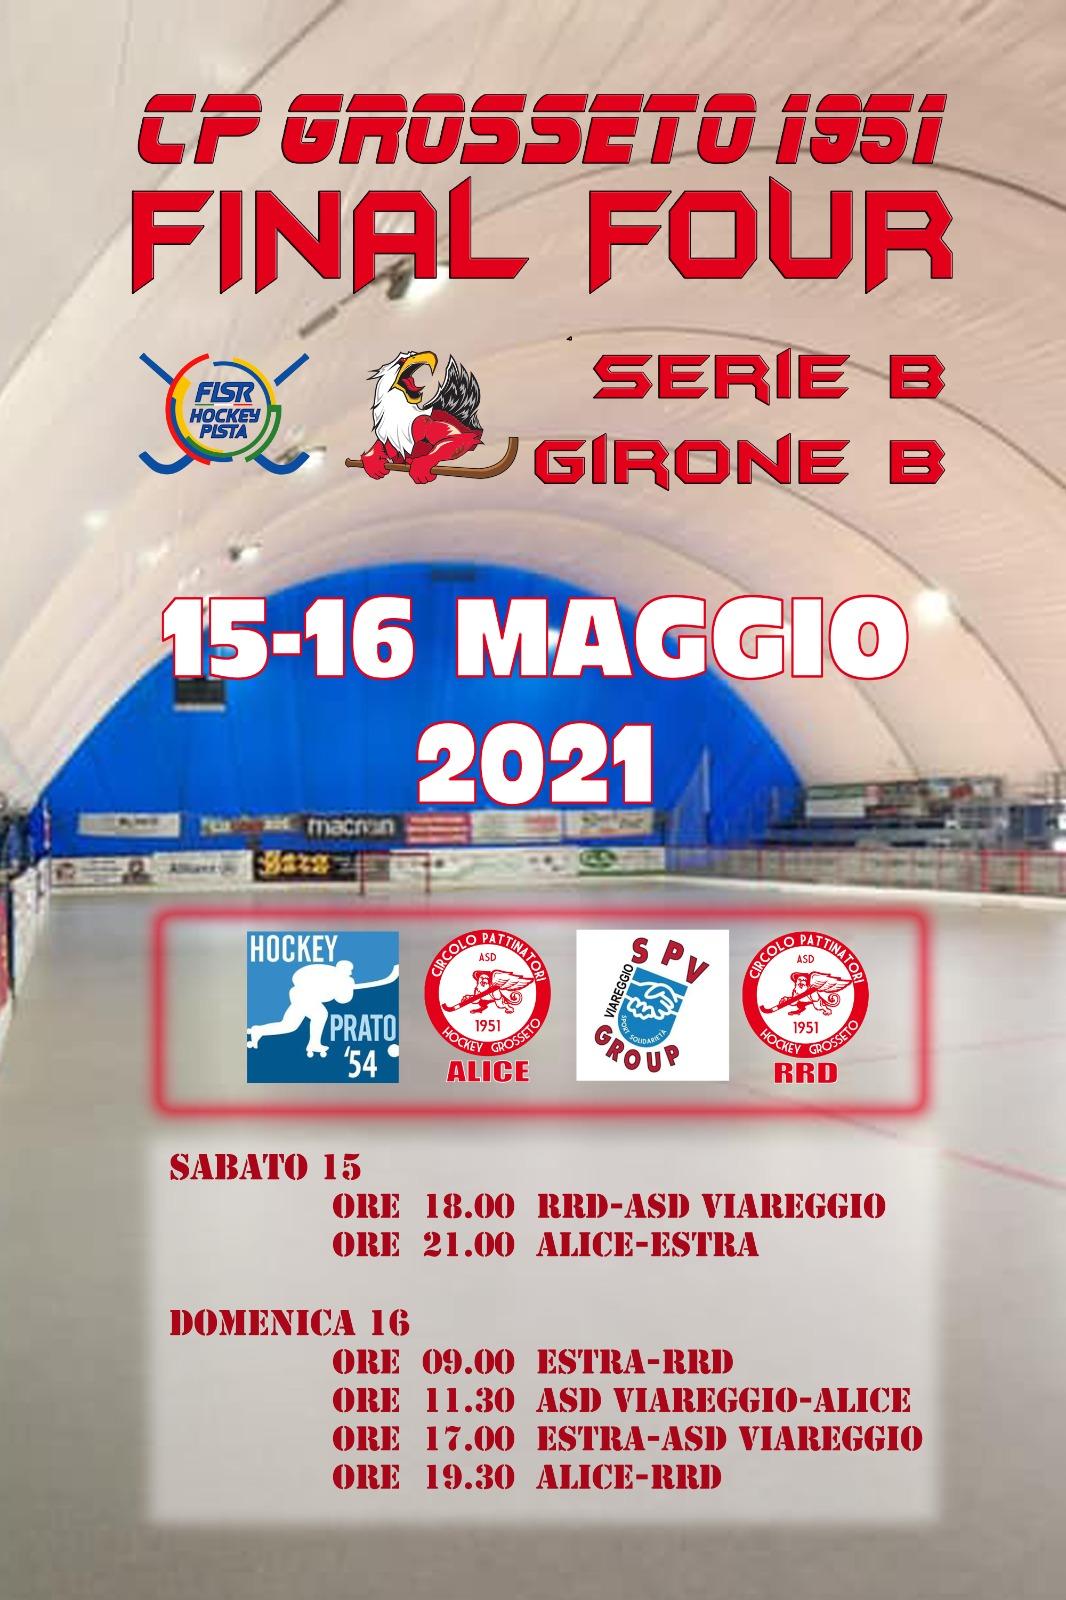 hockey-pista-locandina-manifestazione-final-four-serie-B-di-grosset